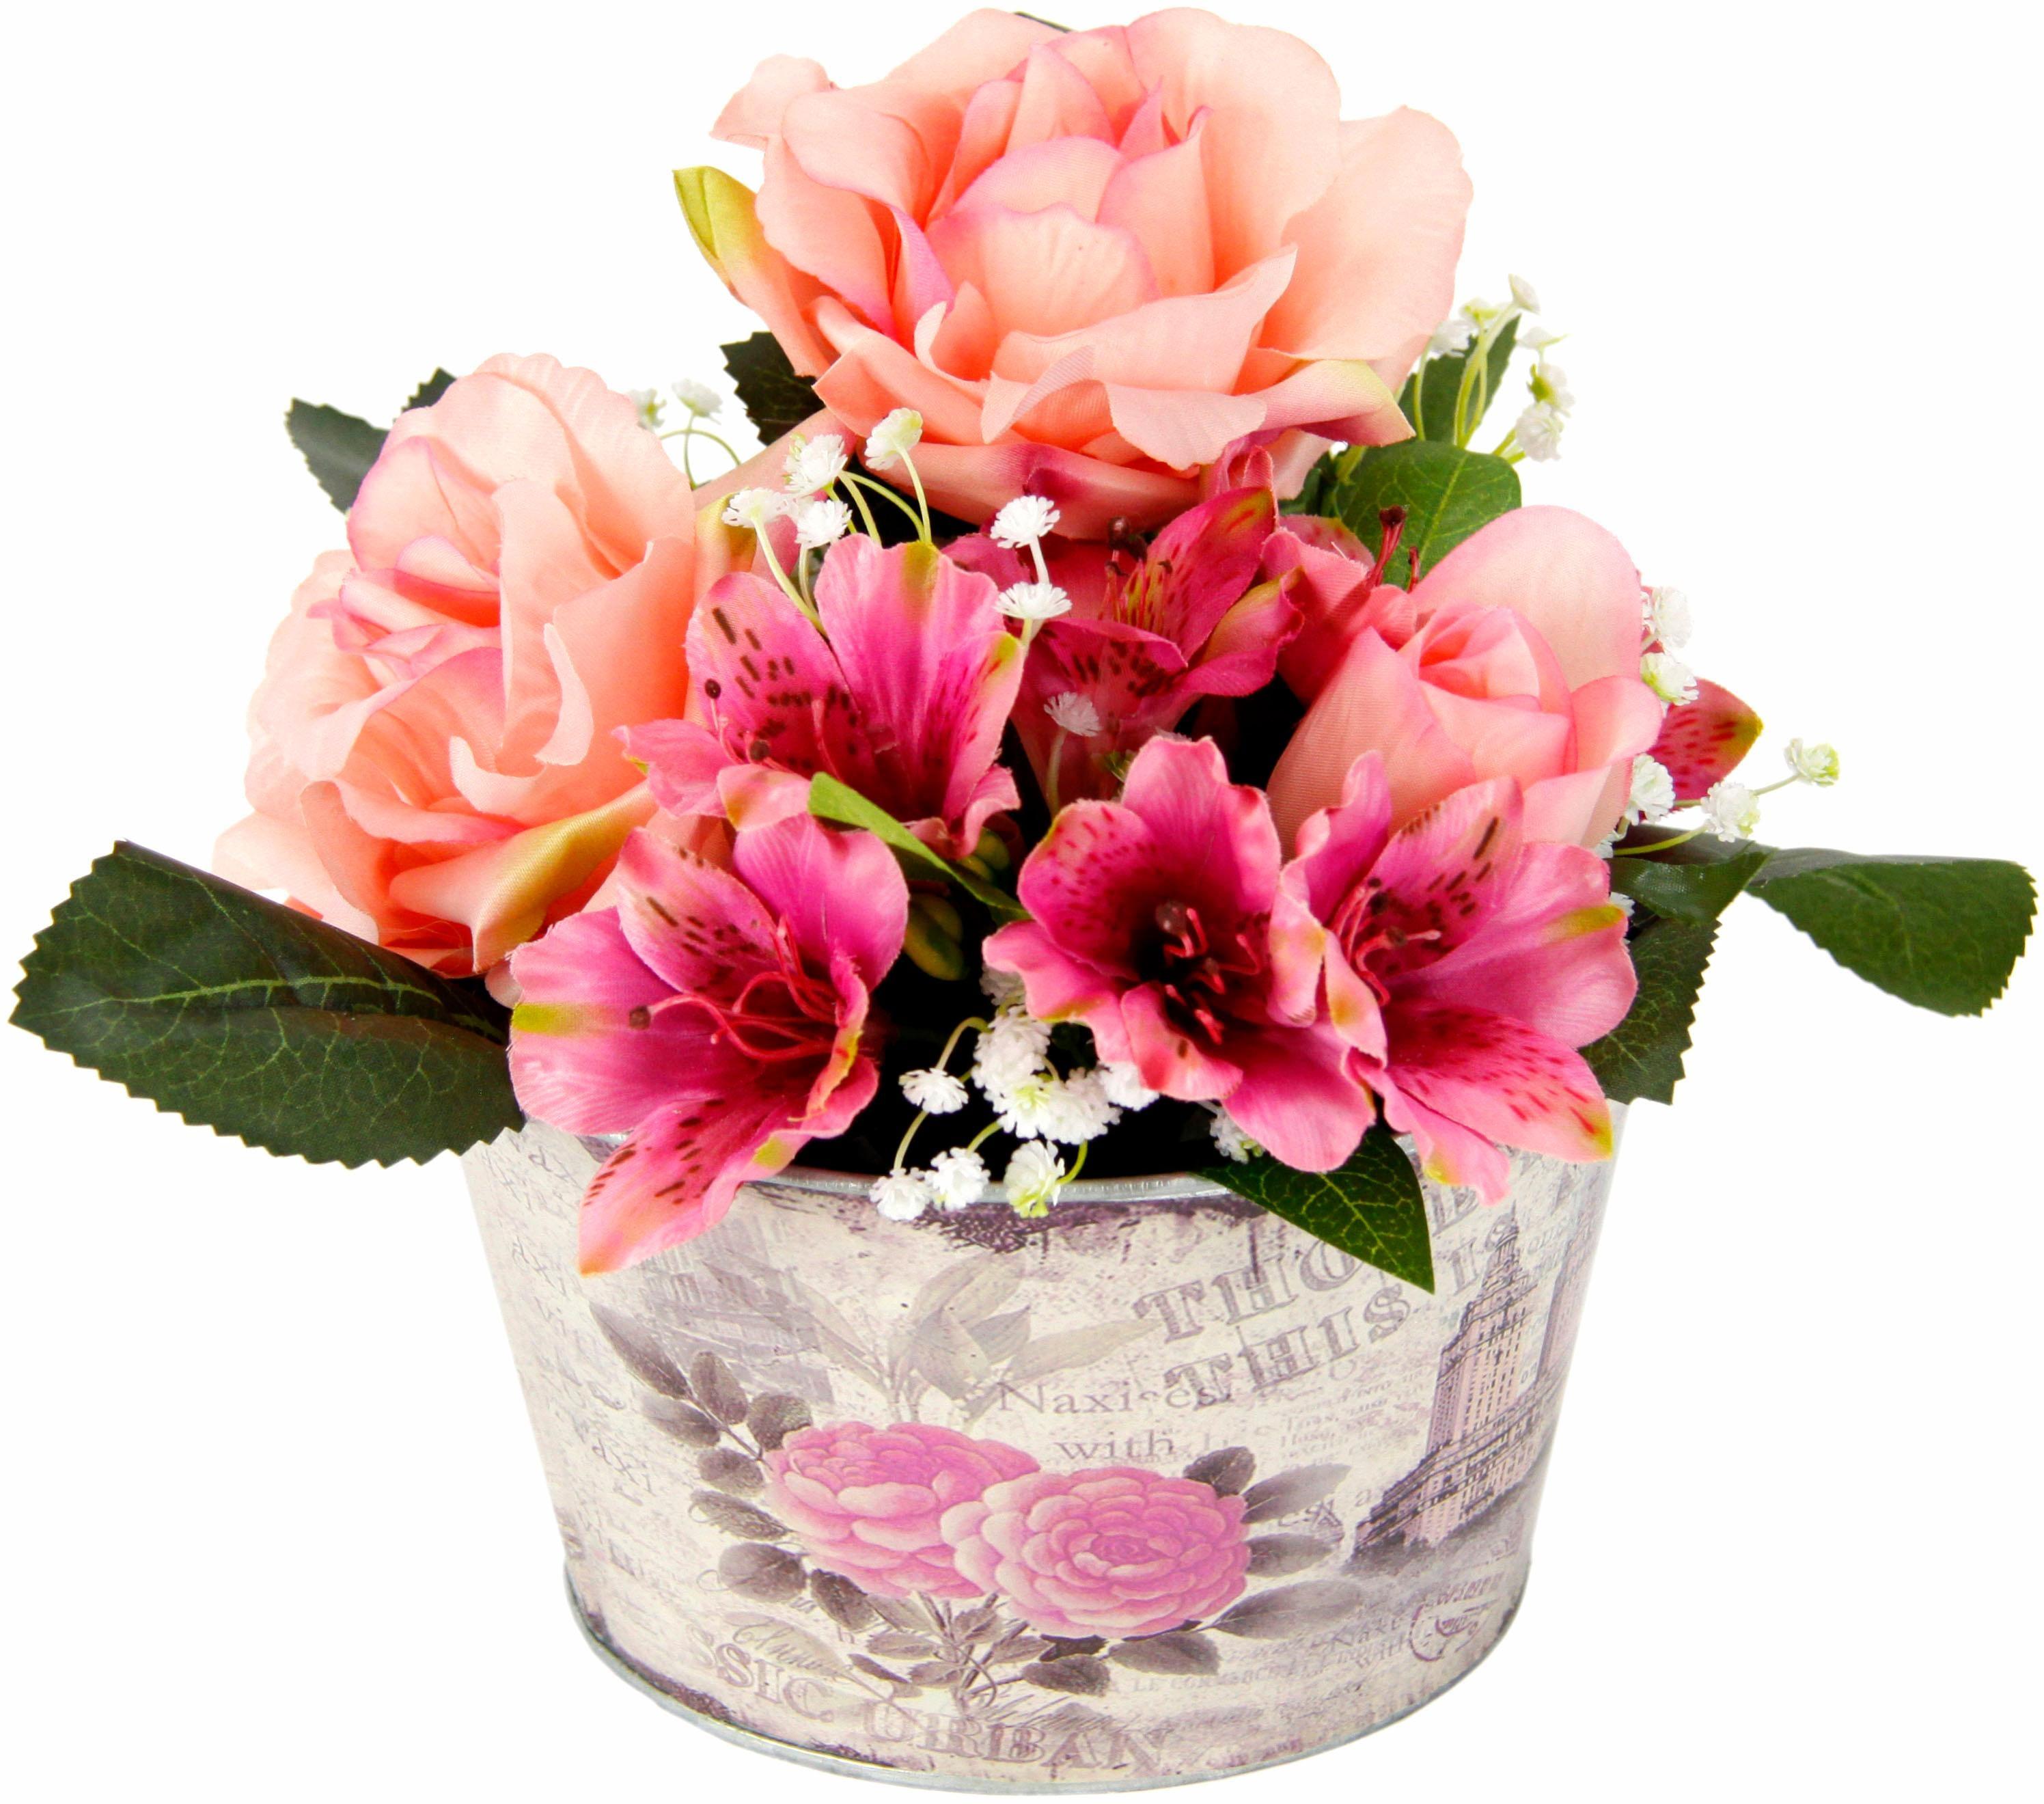 Kunstpflanze Gesteck Rosen in Zinktopf Wohnen/Accessoires & Leuchten/Wohnaccessoires/Kunstpflanzen/Kunstblumen